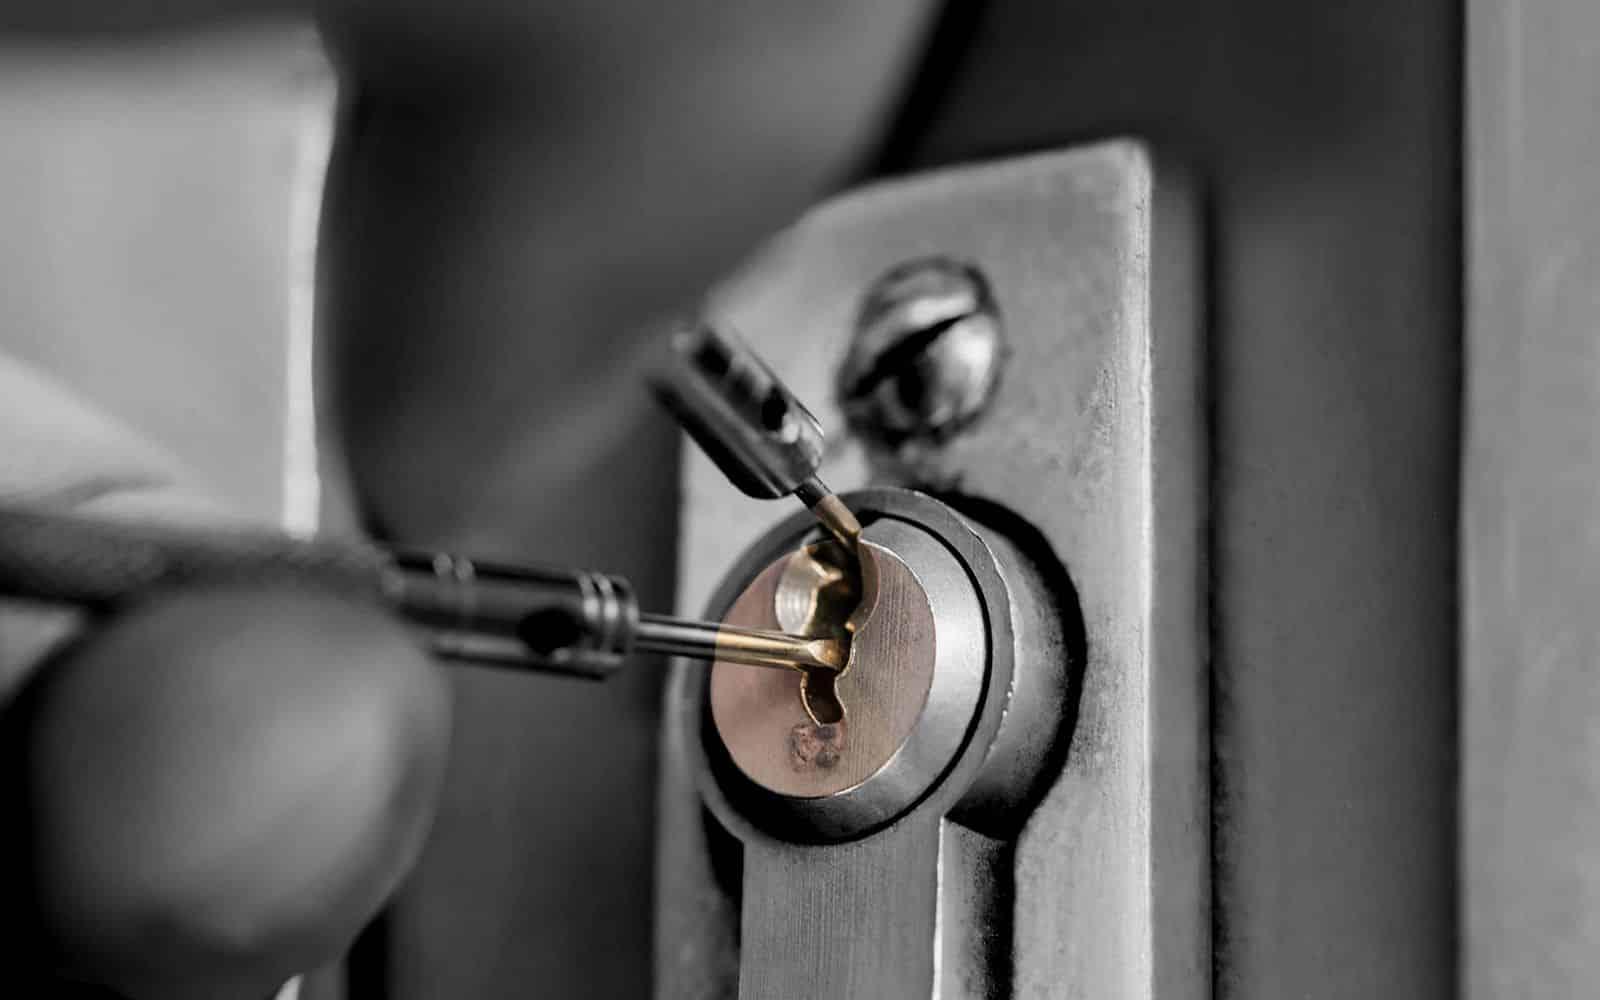 Good Locksmith Company